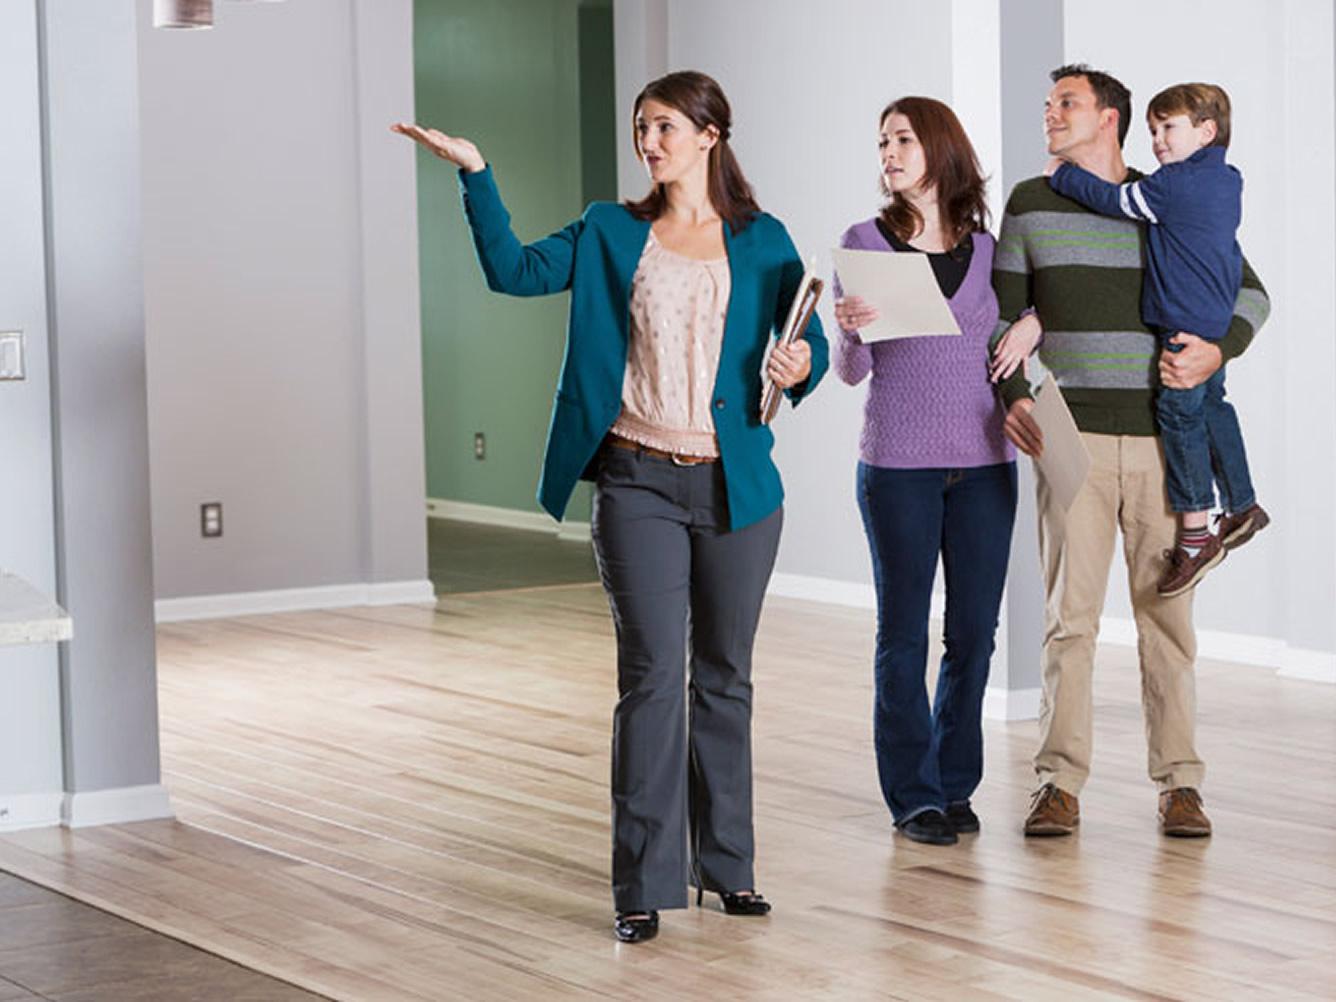 Contrato de aluguel de imóveis: o que você precisa saber!